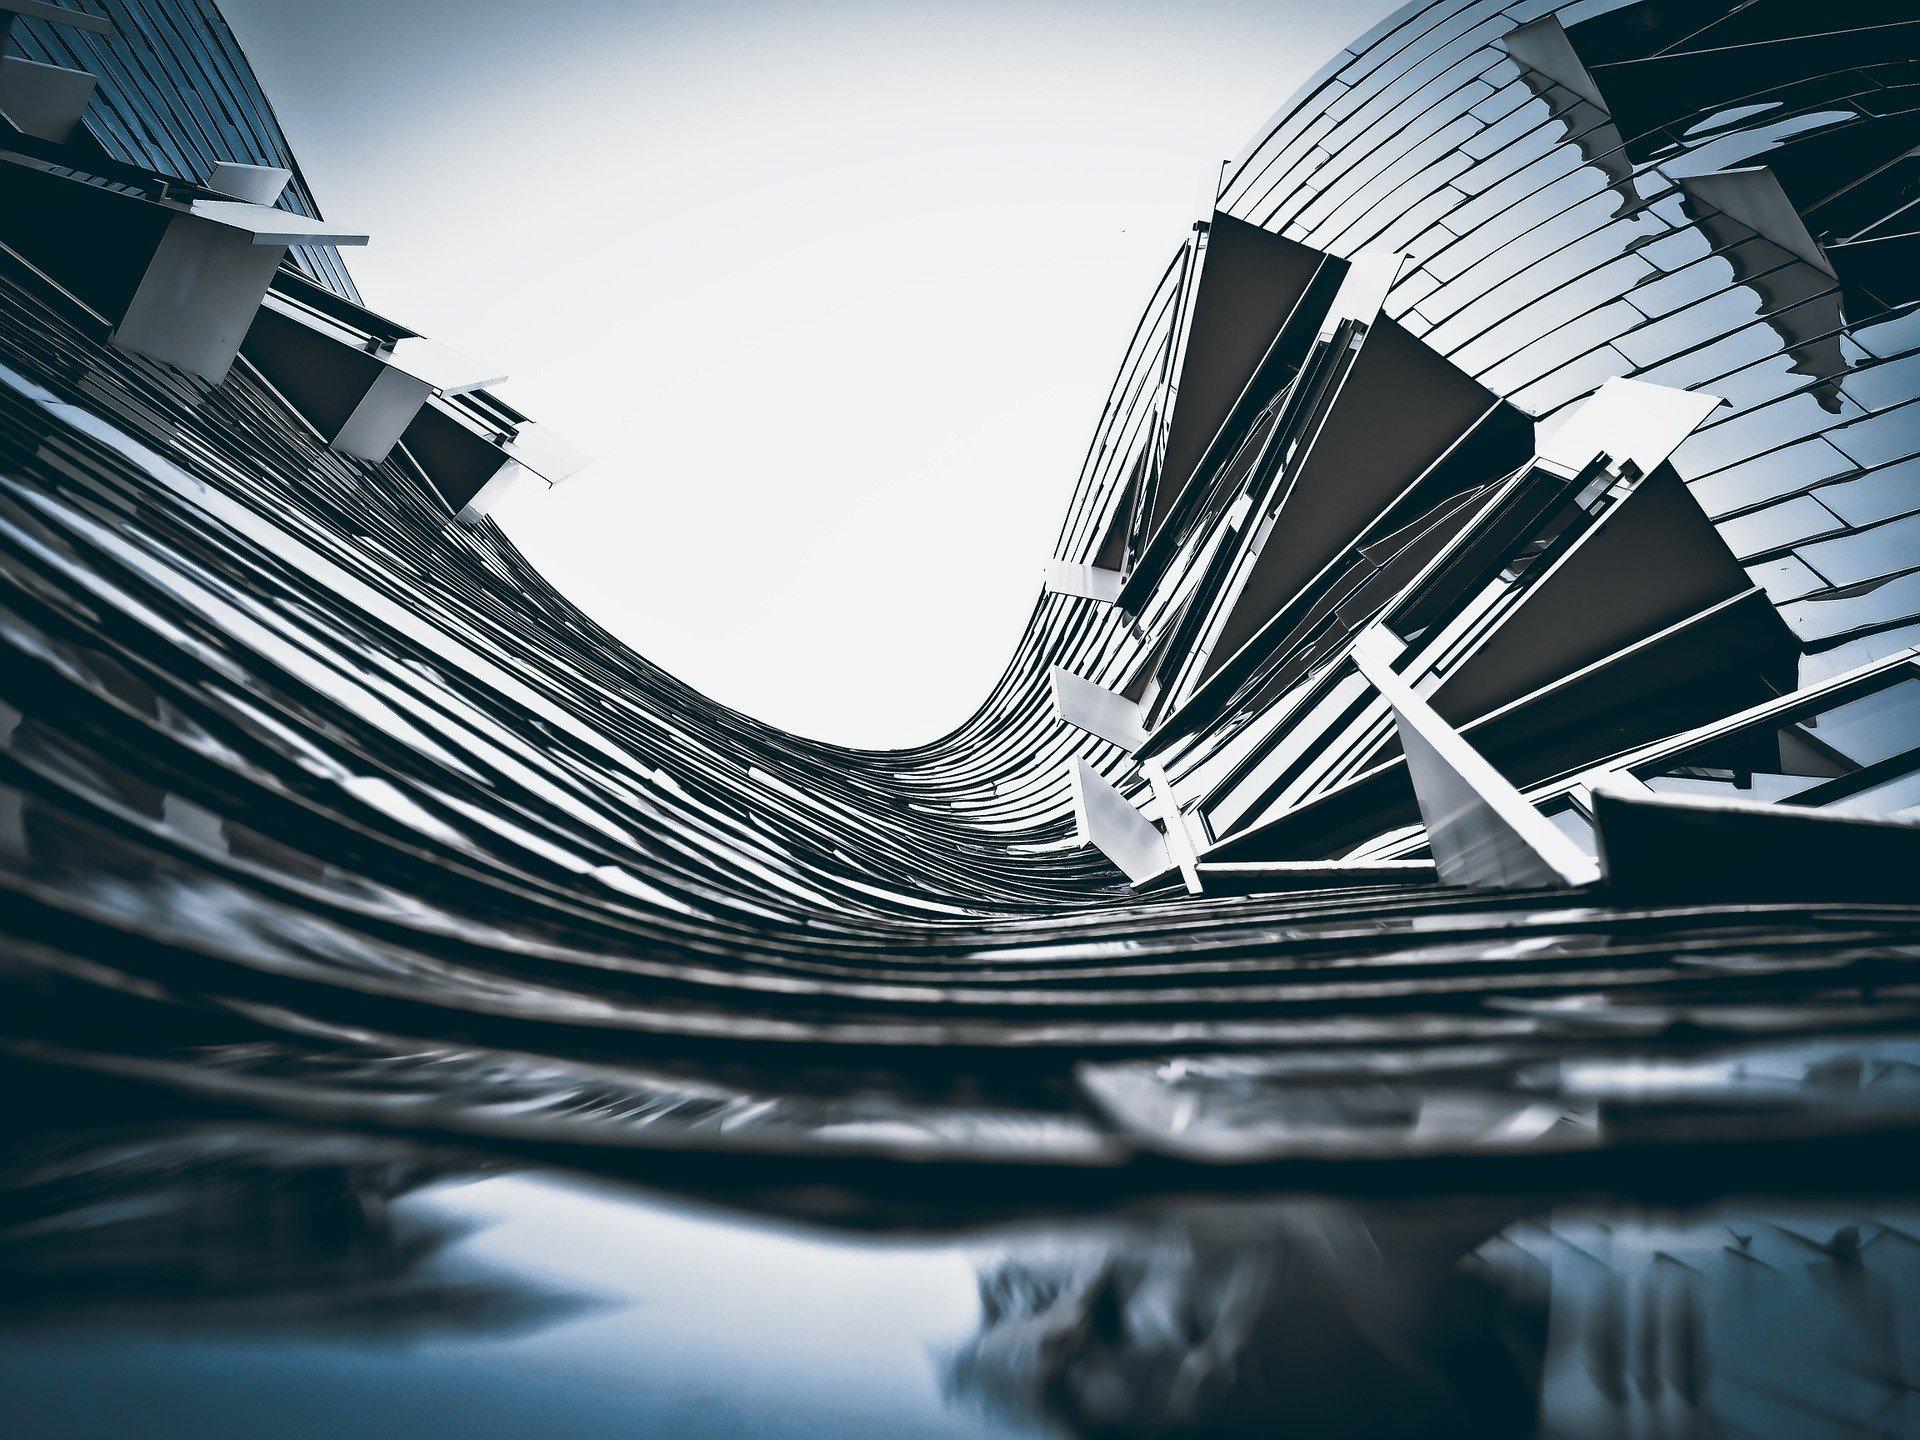 Germania: il rottame arretra – Cali di circa 30 euro la tonnellata a febbraio